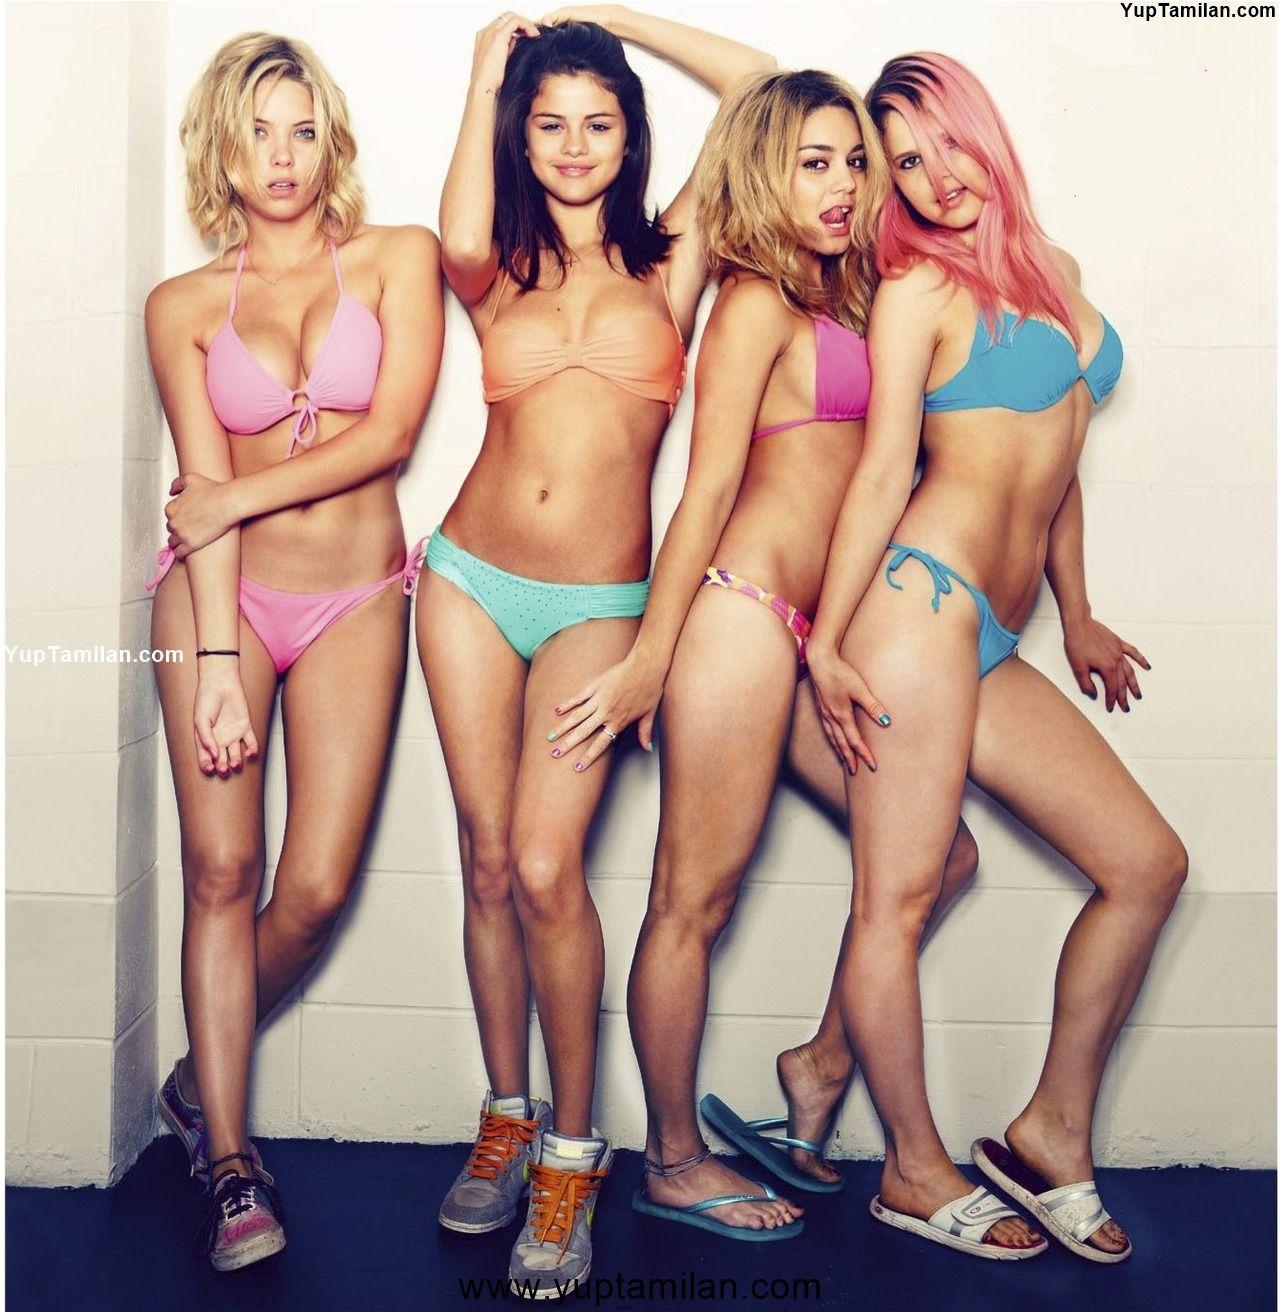 Selena Gomez Sexy Bikini Photos